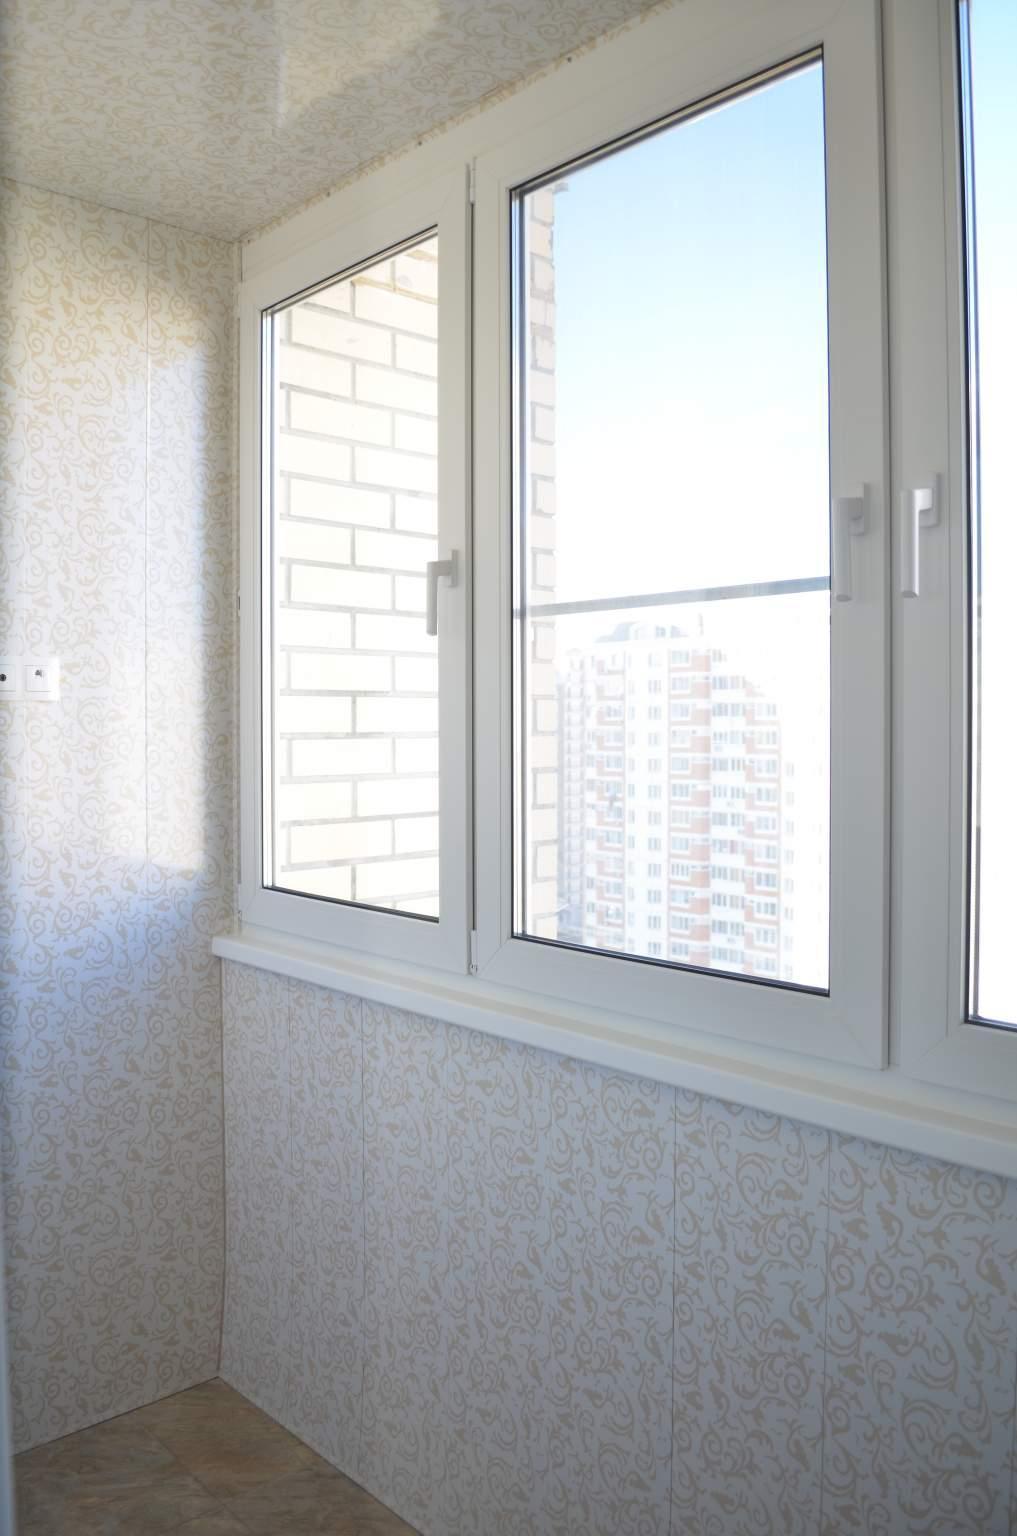 Квартира, 2 комнаты, 64 м² в Московском 89269179500 купить 7